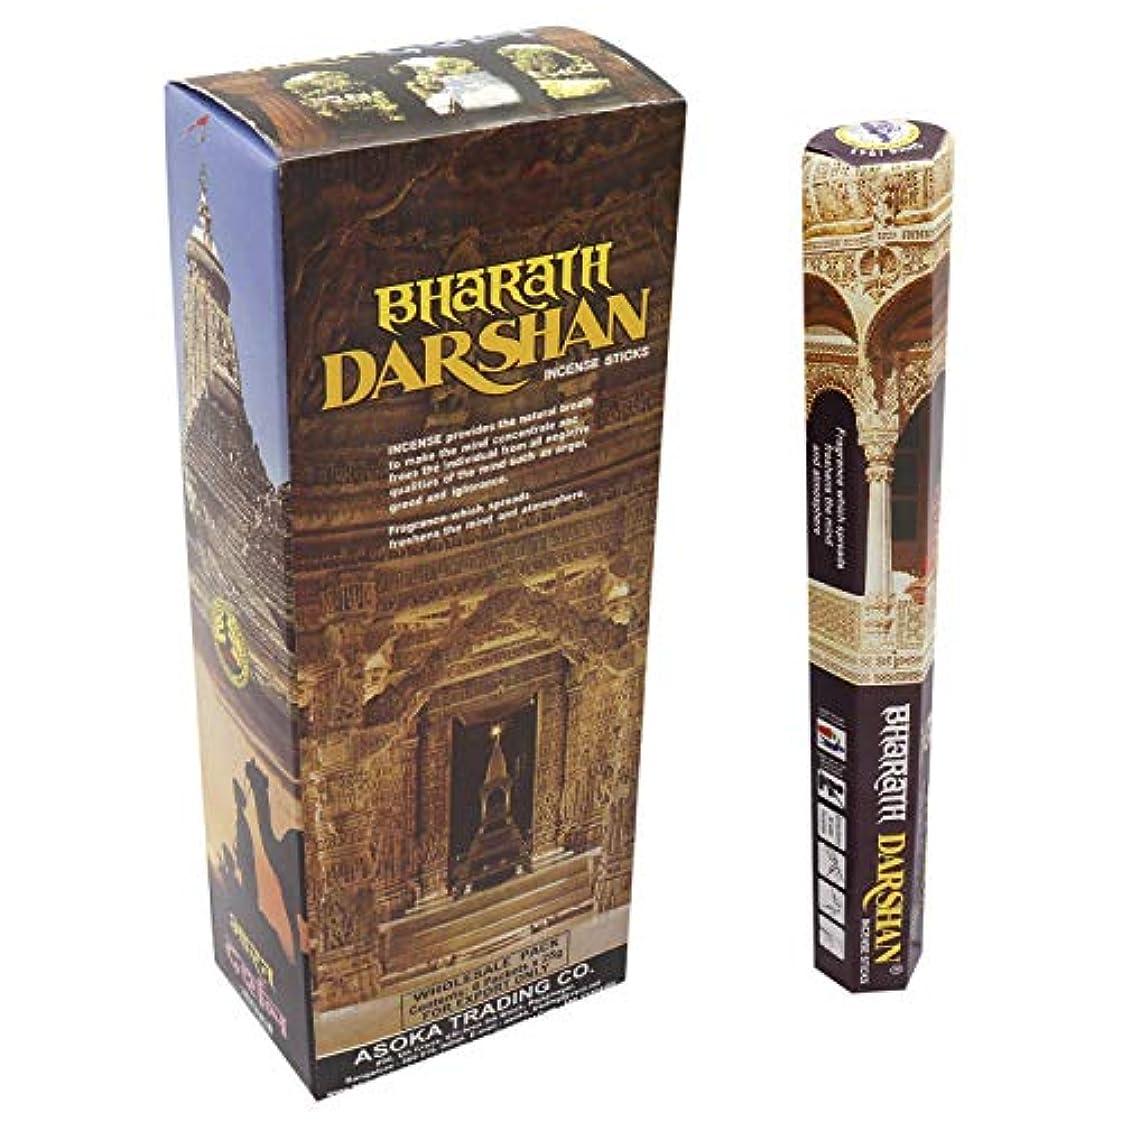 教育にやにや各Bharat Darshan 6 pkt of 18 Sticks Each (Contains 108 Incense Sticks/Natural Agarbatti) with Free Wooden Incense...